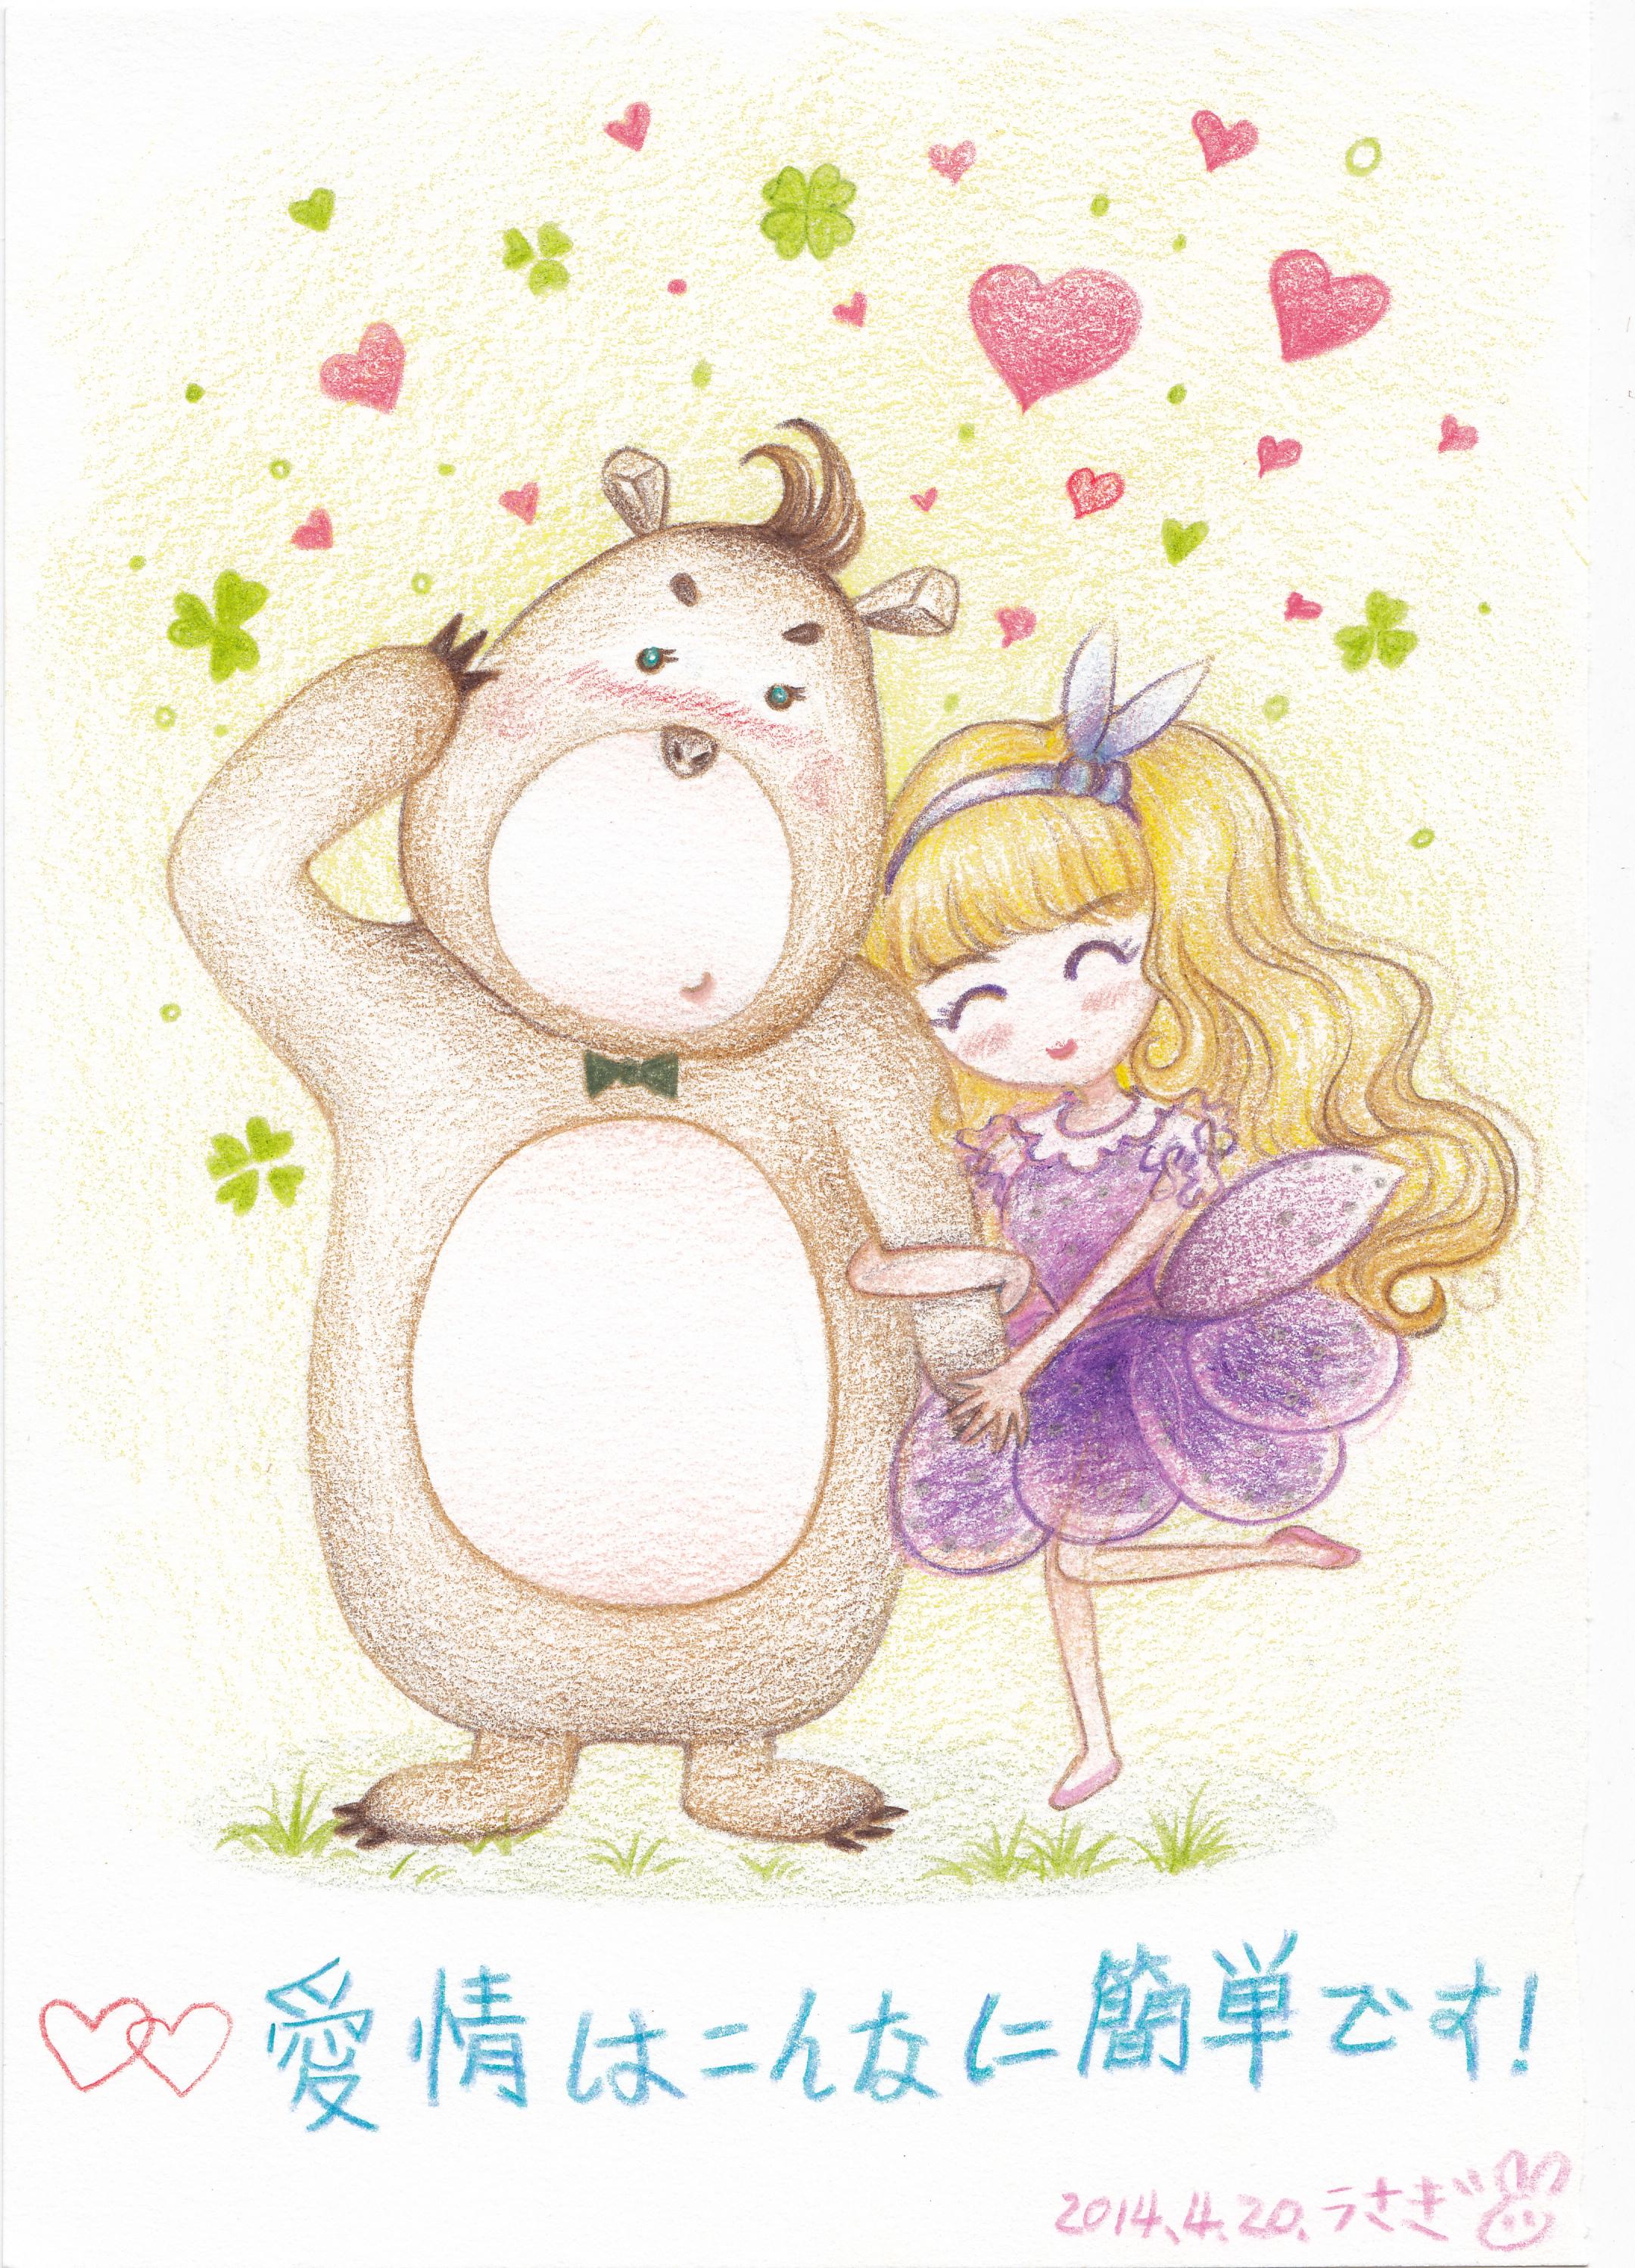 彩铅爱情手绘图